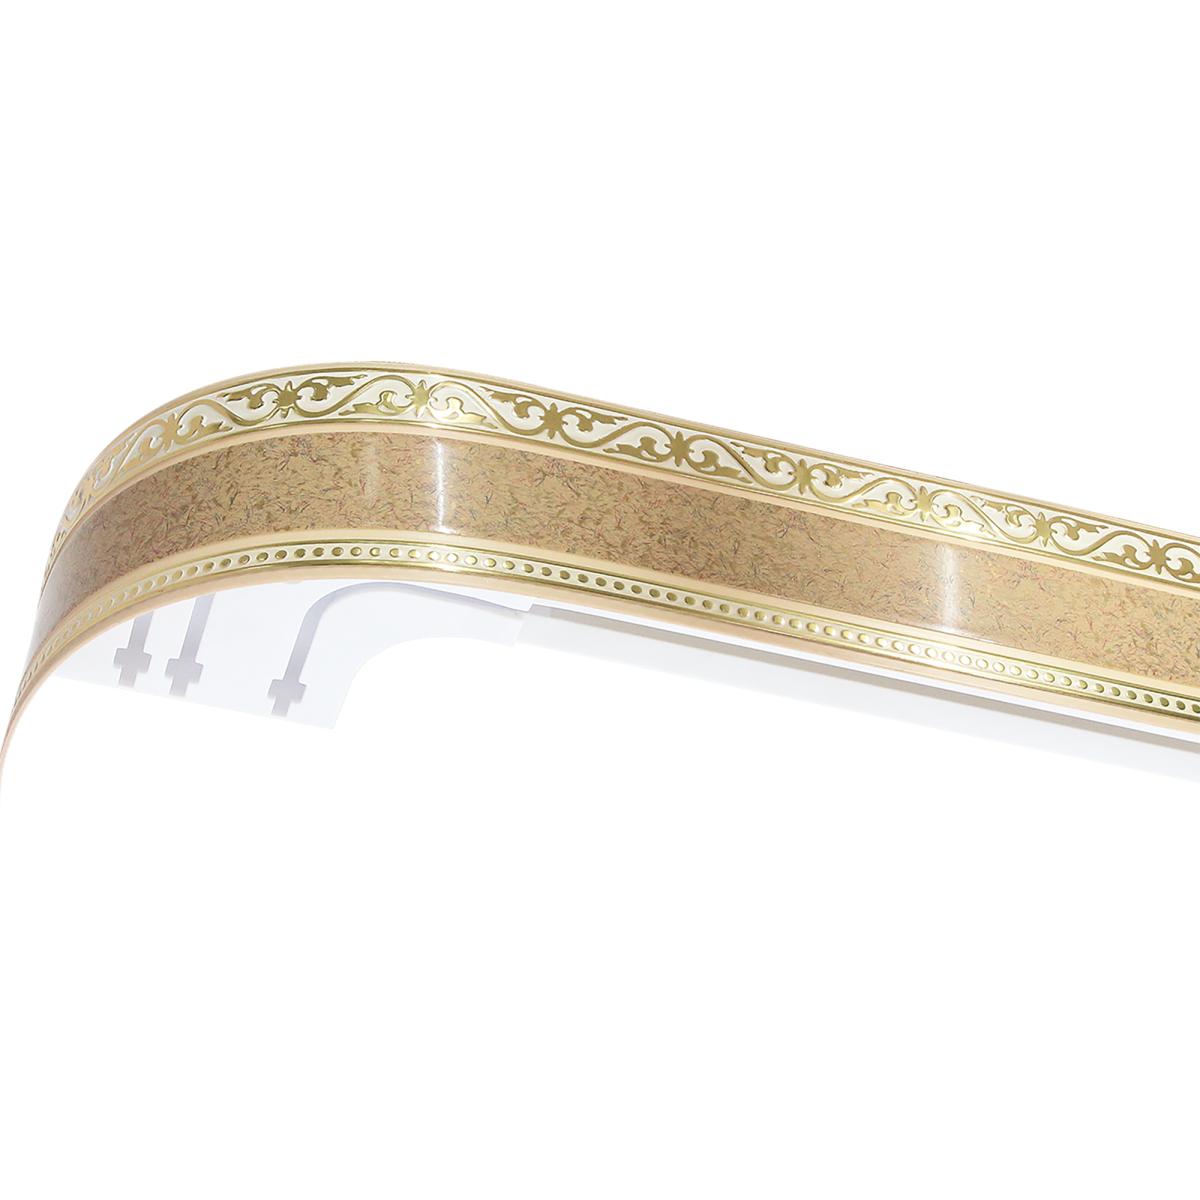 Карниз шинный трехрядный «Монарх» в наборе 300 см пластик цвет песок